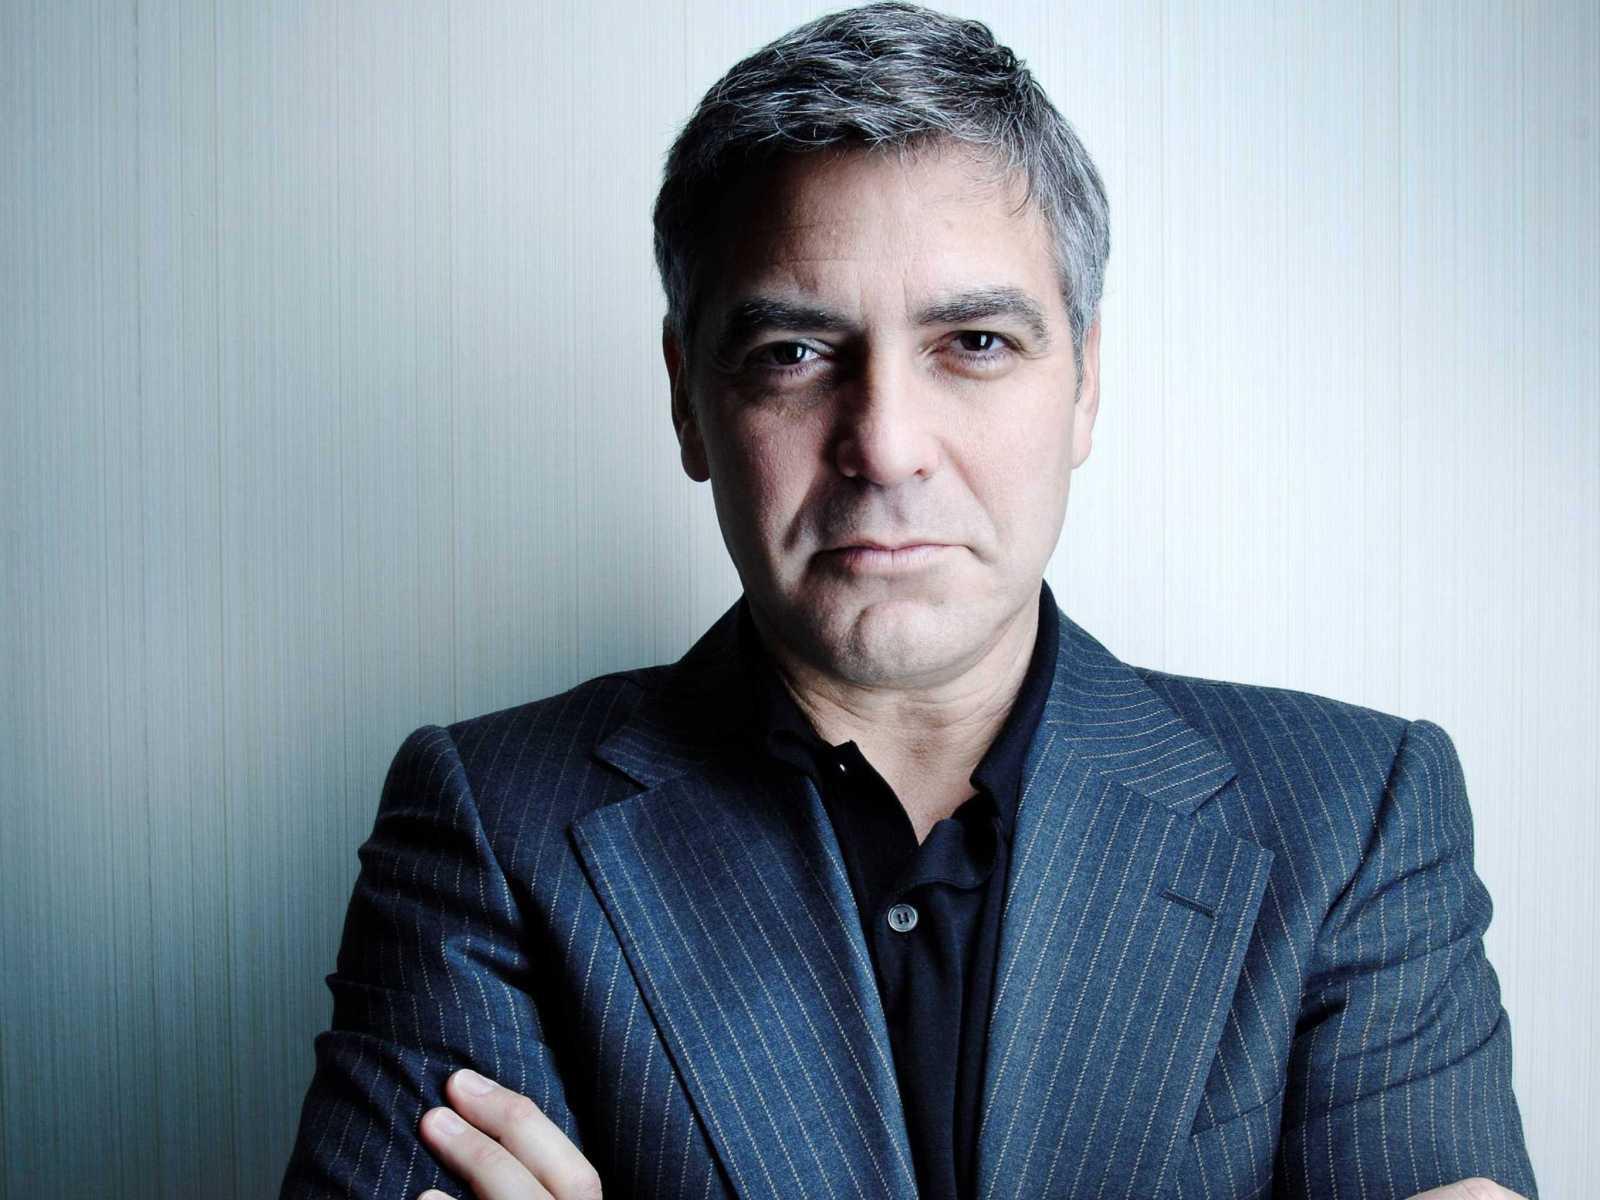 Братья Коэны напишут сценарий к фильму Джорджа Клуни